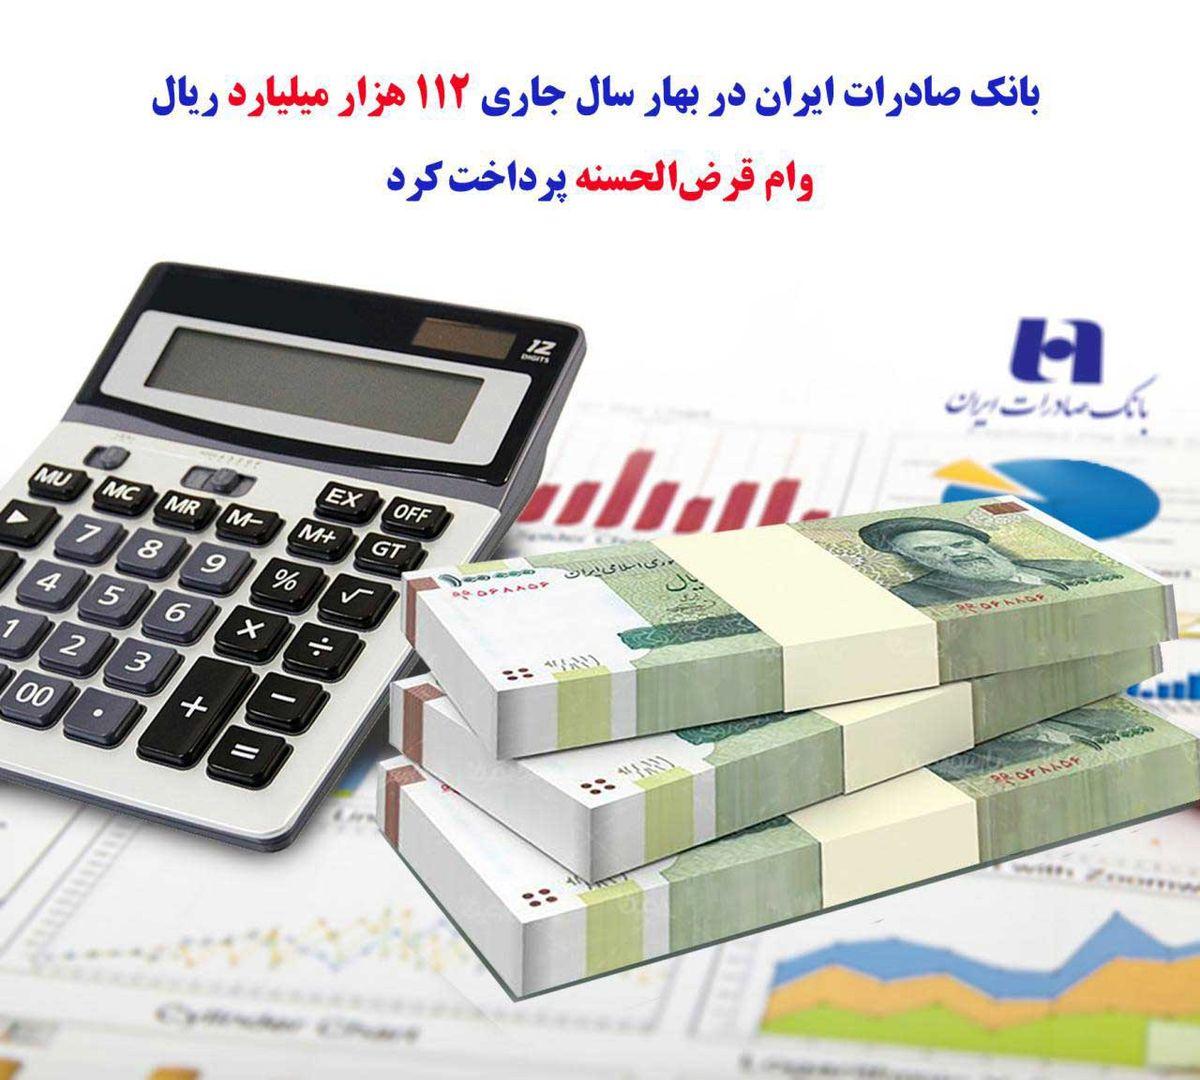 بانک صادرات ایران در بهار سال جاری ١١٢ هزار میلیارد ریال وام قرضالحسنه پرداخت کرد